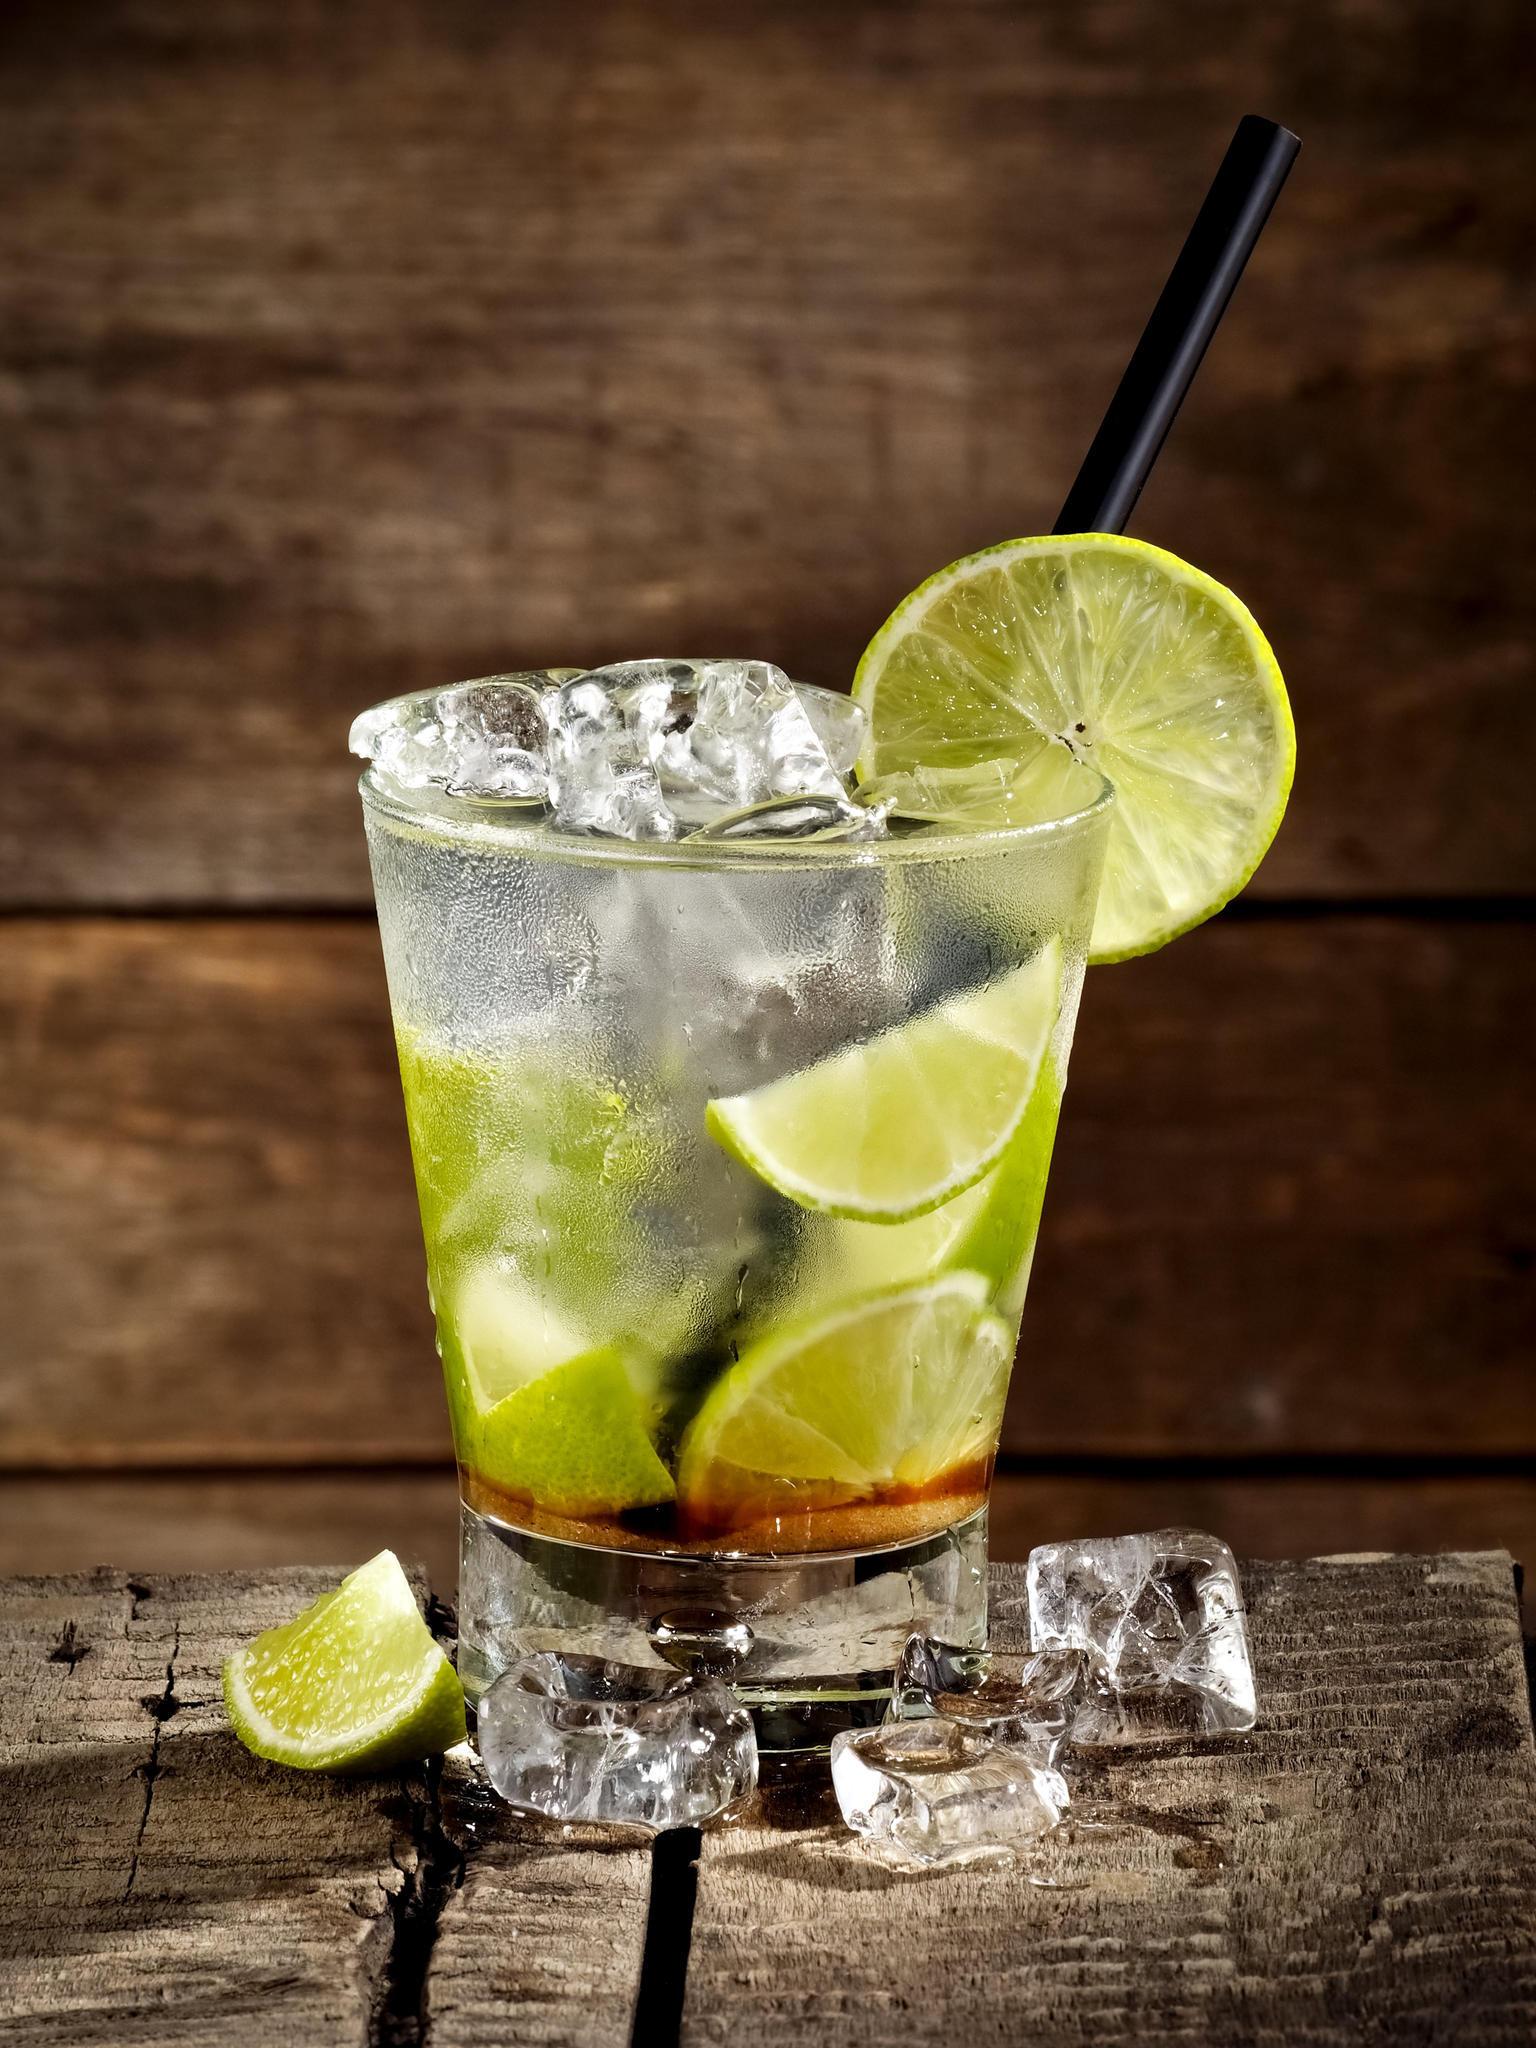 Der Caipirinha ist einer der beliebtesten Cocktails und herrlich fruchtig.